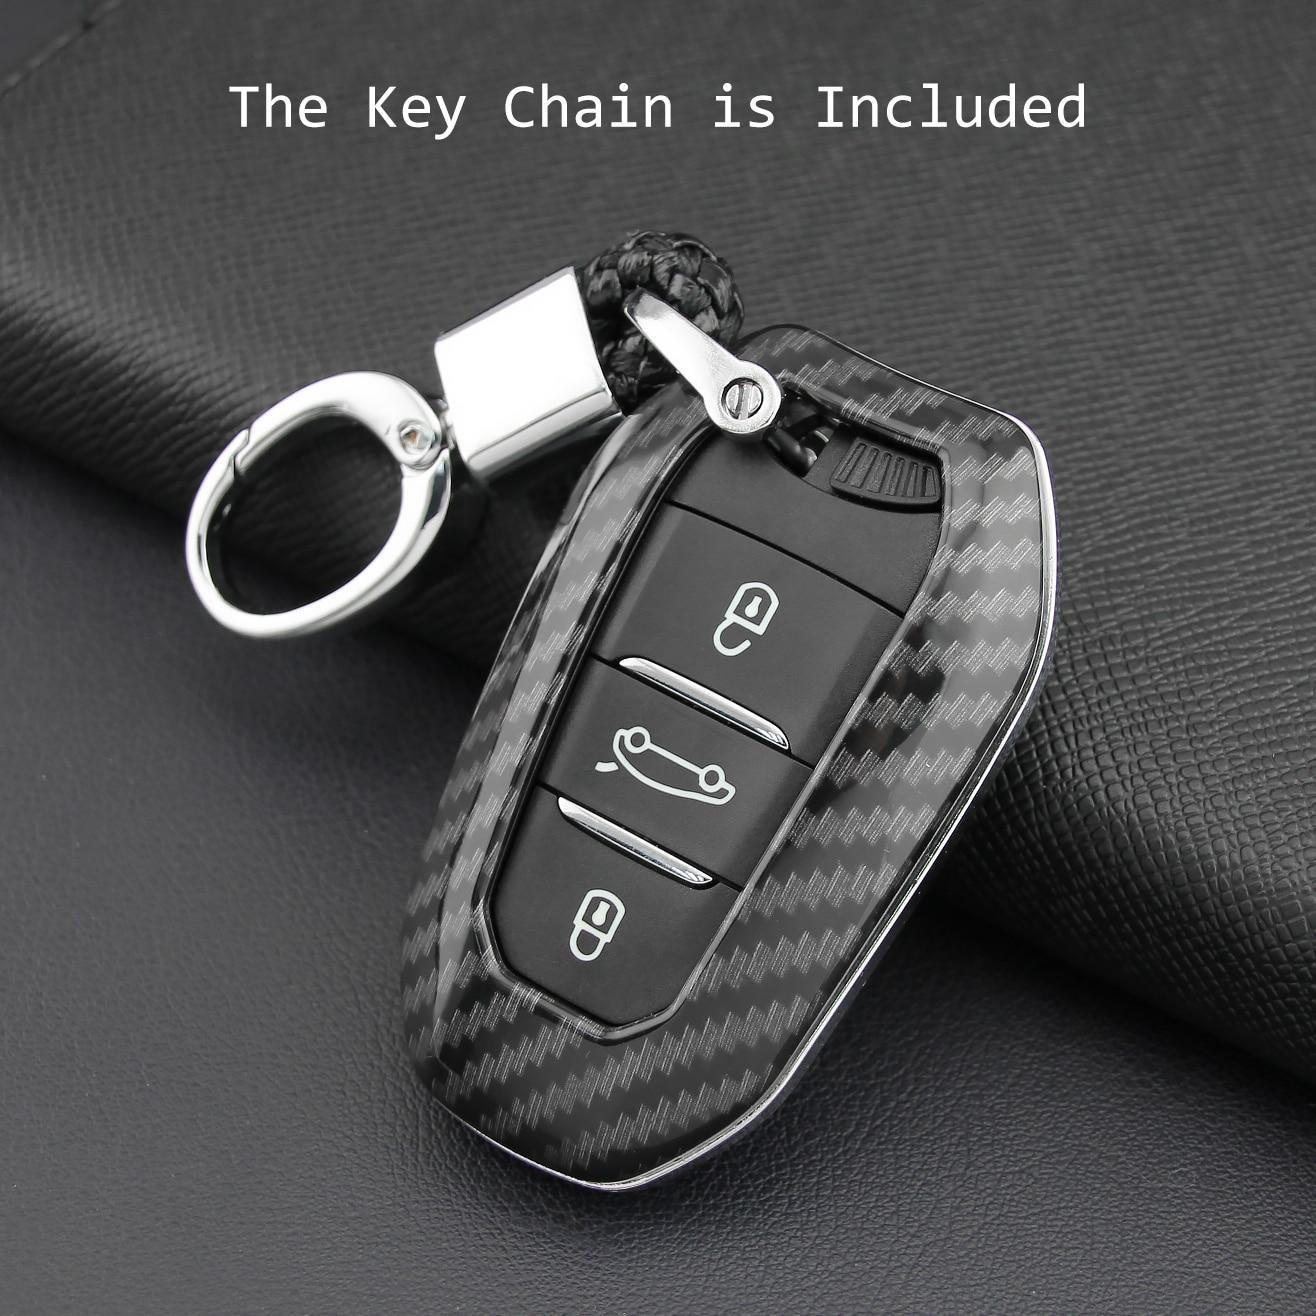 Image 3 - Klucz pokrywa obudowa pilota łańcuch dla Peugeot 508 3008 5008 Citroen C3 C5 Aircross Grand C4 Picasso DS 4S 5 3 7 Crossback DS3 DS5 DS7Etui na kluczyki samochodowe   -